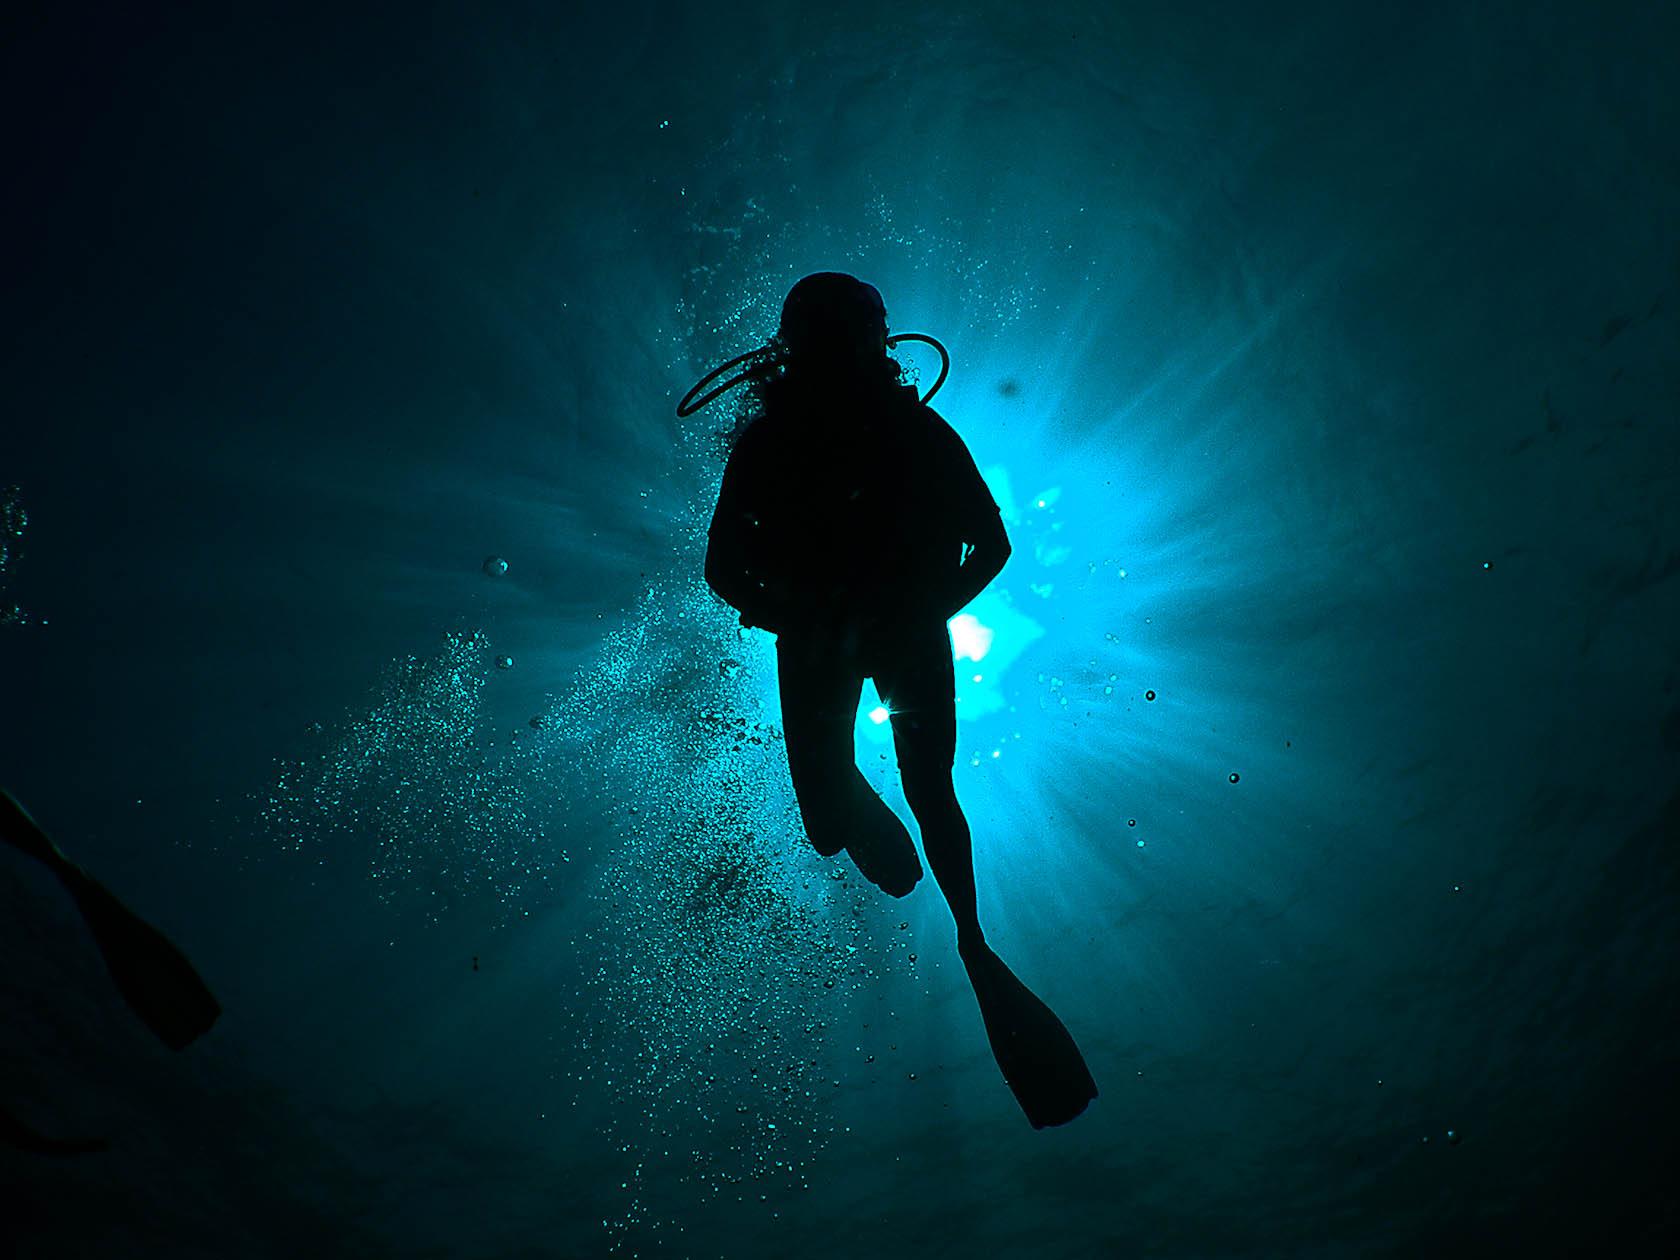 B.A. Diver